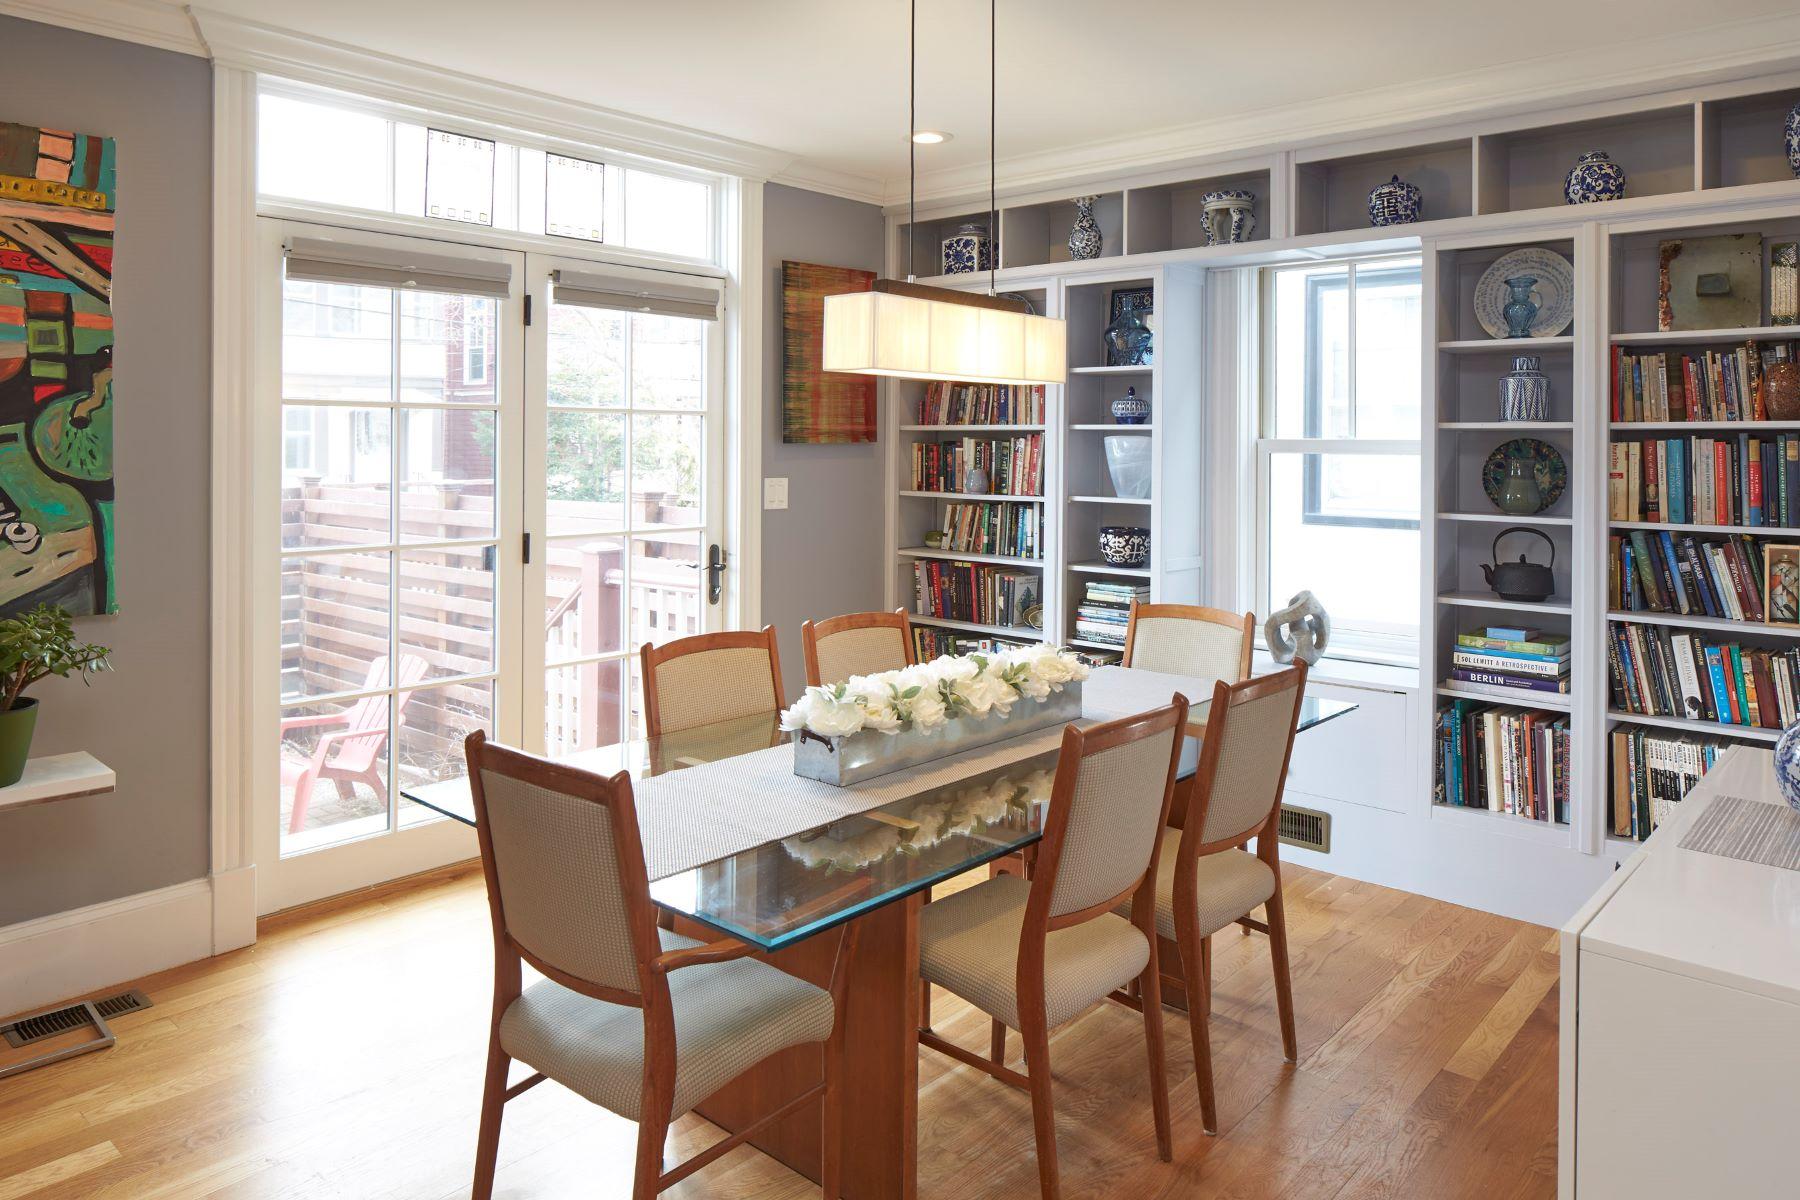 独户住宅 为 销售 在 43 Dover Street, Cambridge 43 Dover St 43 坎布里奇, 马萨诸塞州 02140 美国